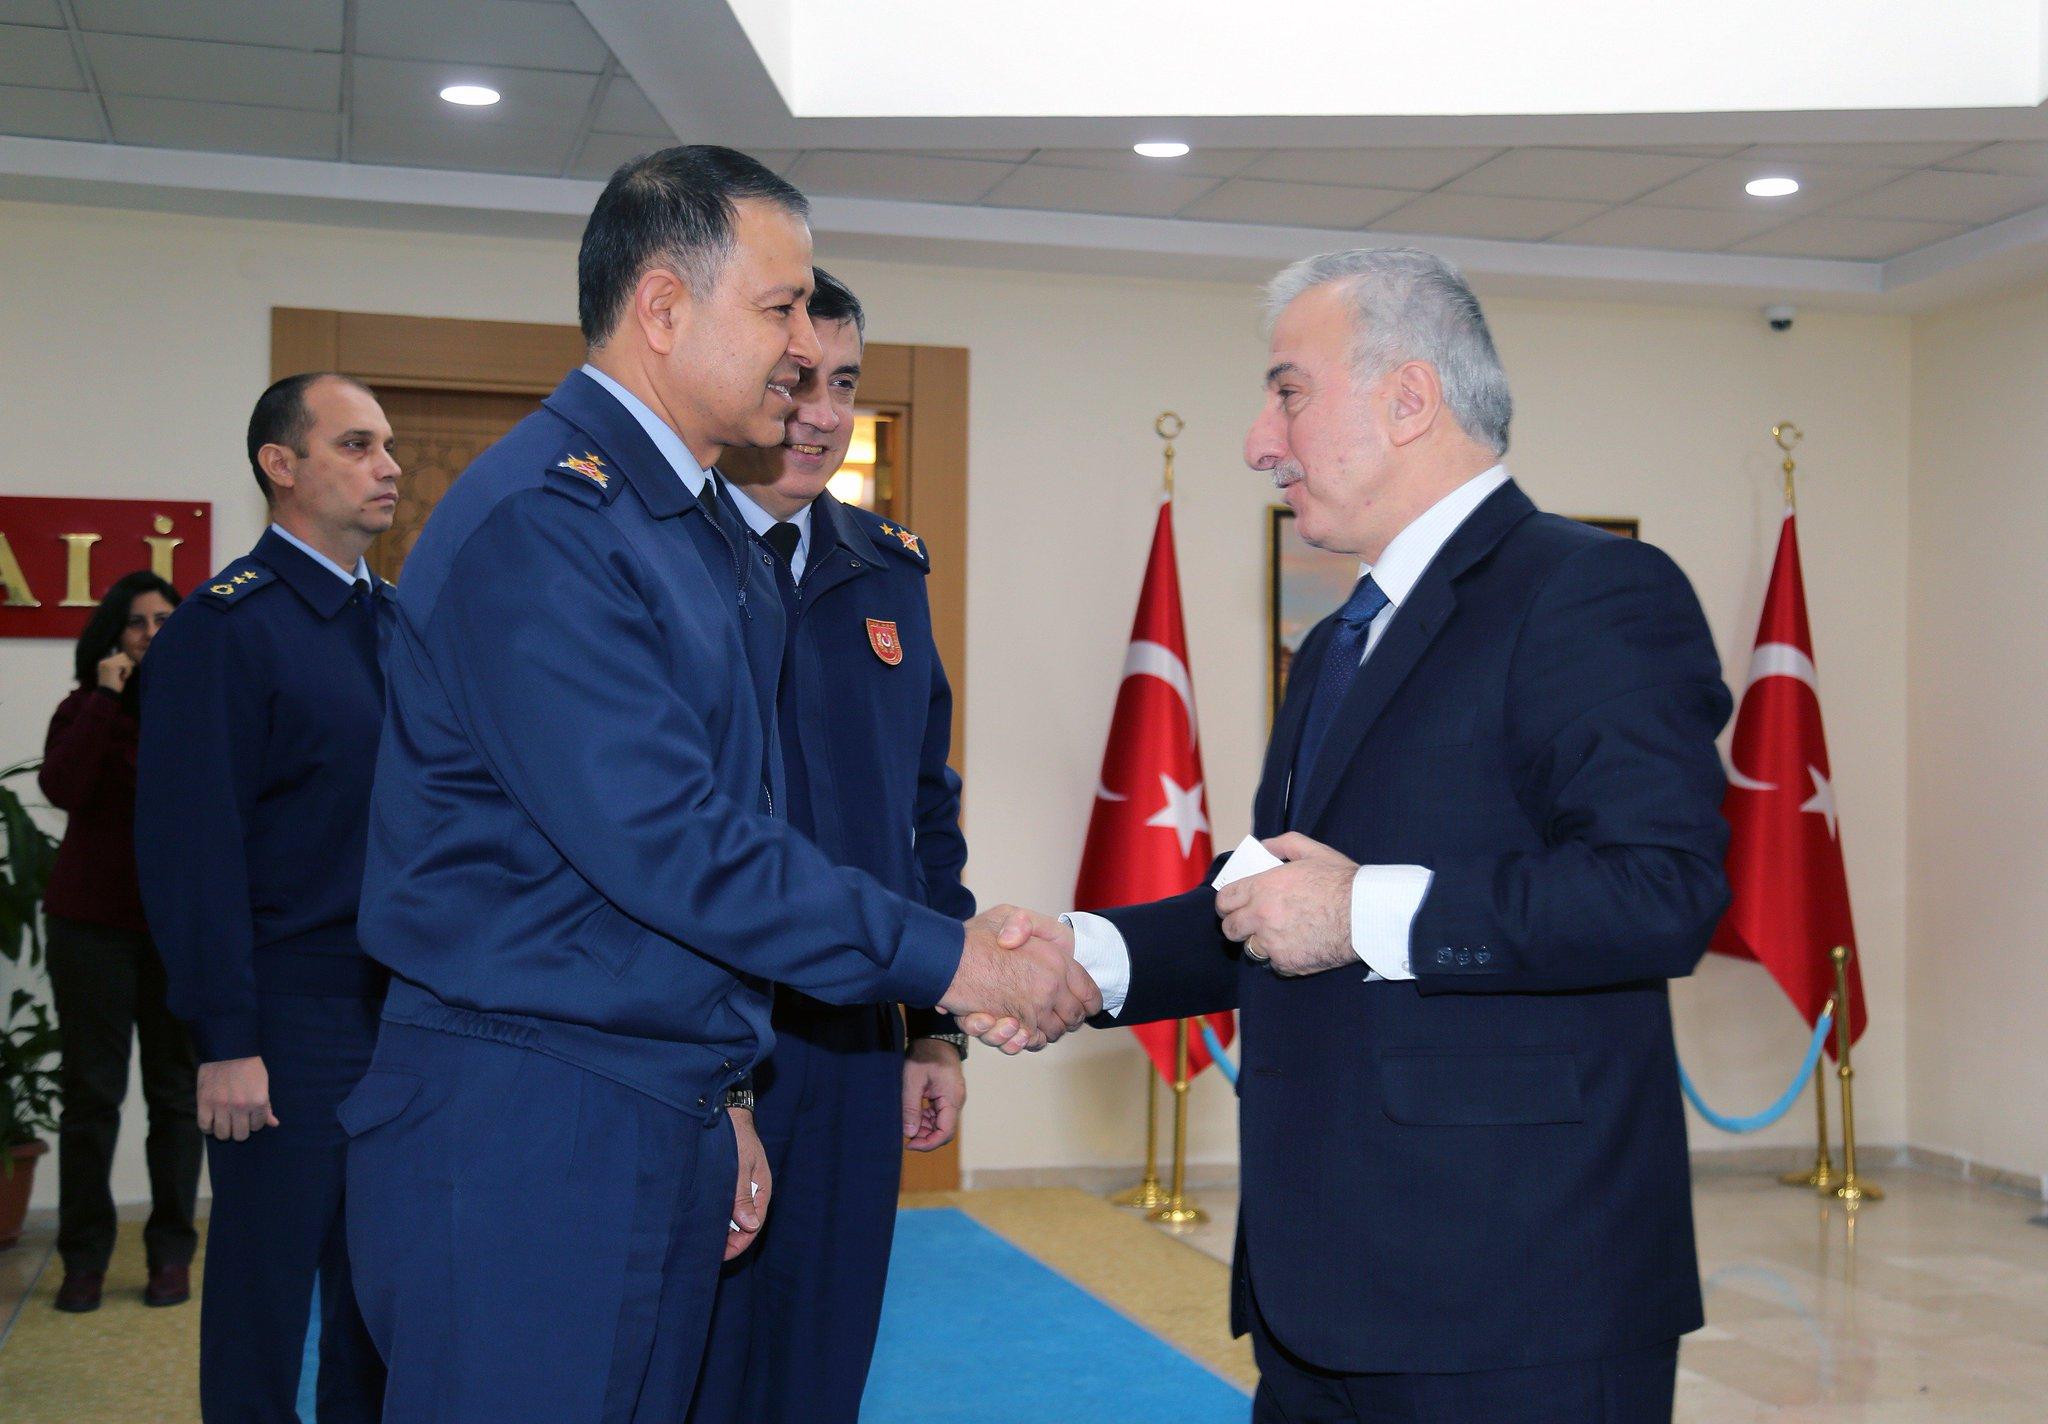 """T.C.Kayseri Valiliği a Twitter: """"Hava Kuvvetleri Komuntanlığından Daire Başkanı Tuğgeneral Ali Serin, Vali Kamçı'yı ziyaret etti… """""""